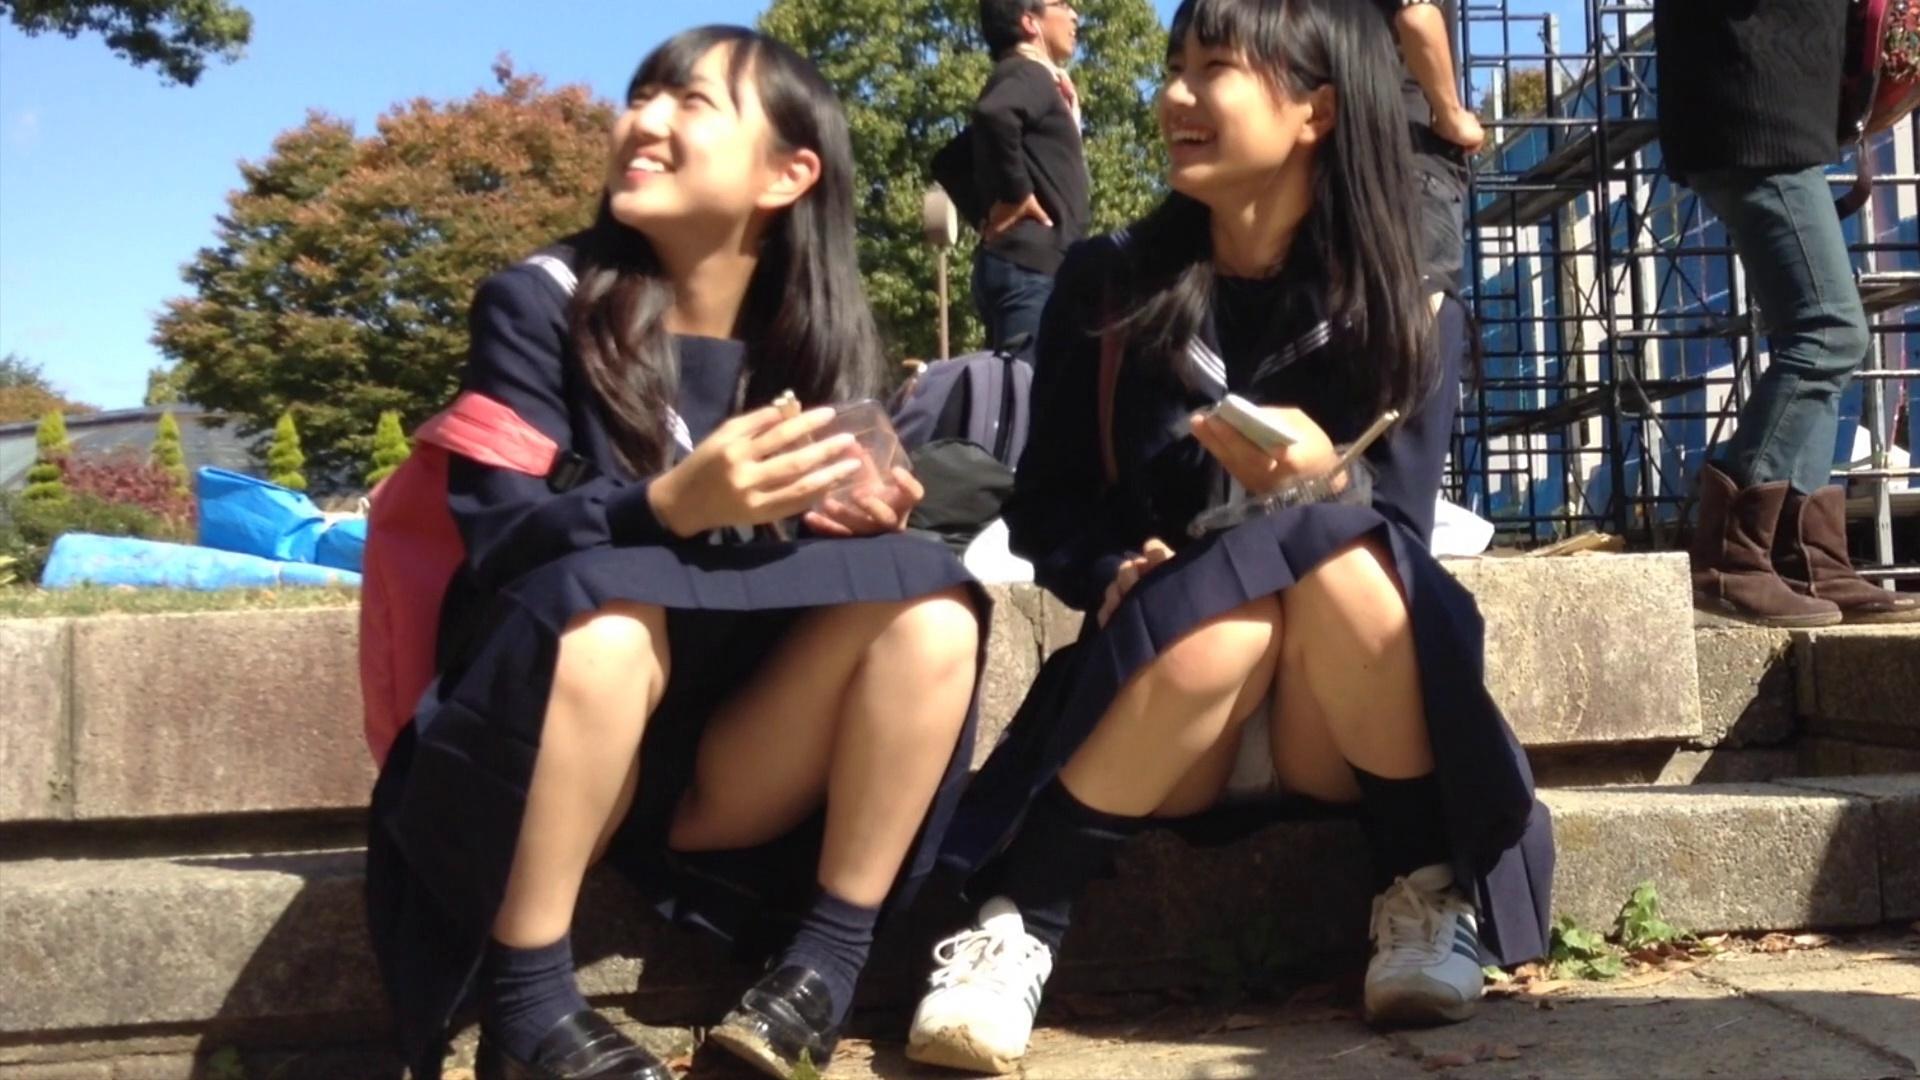 こんなJK達と手を繋いで通学する青春を送りたかった陰キャの妄想街撮り画像wwwwwwww aod7rEB